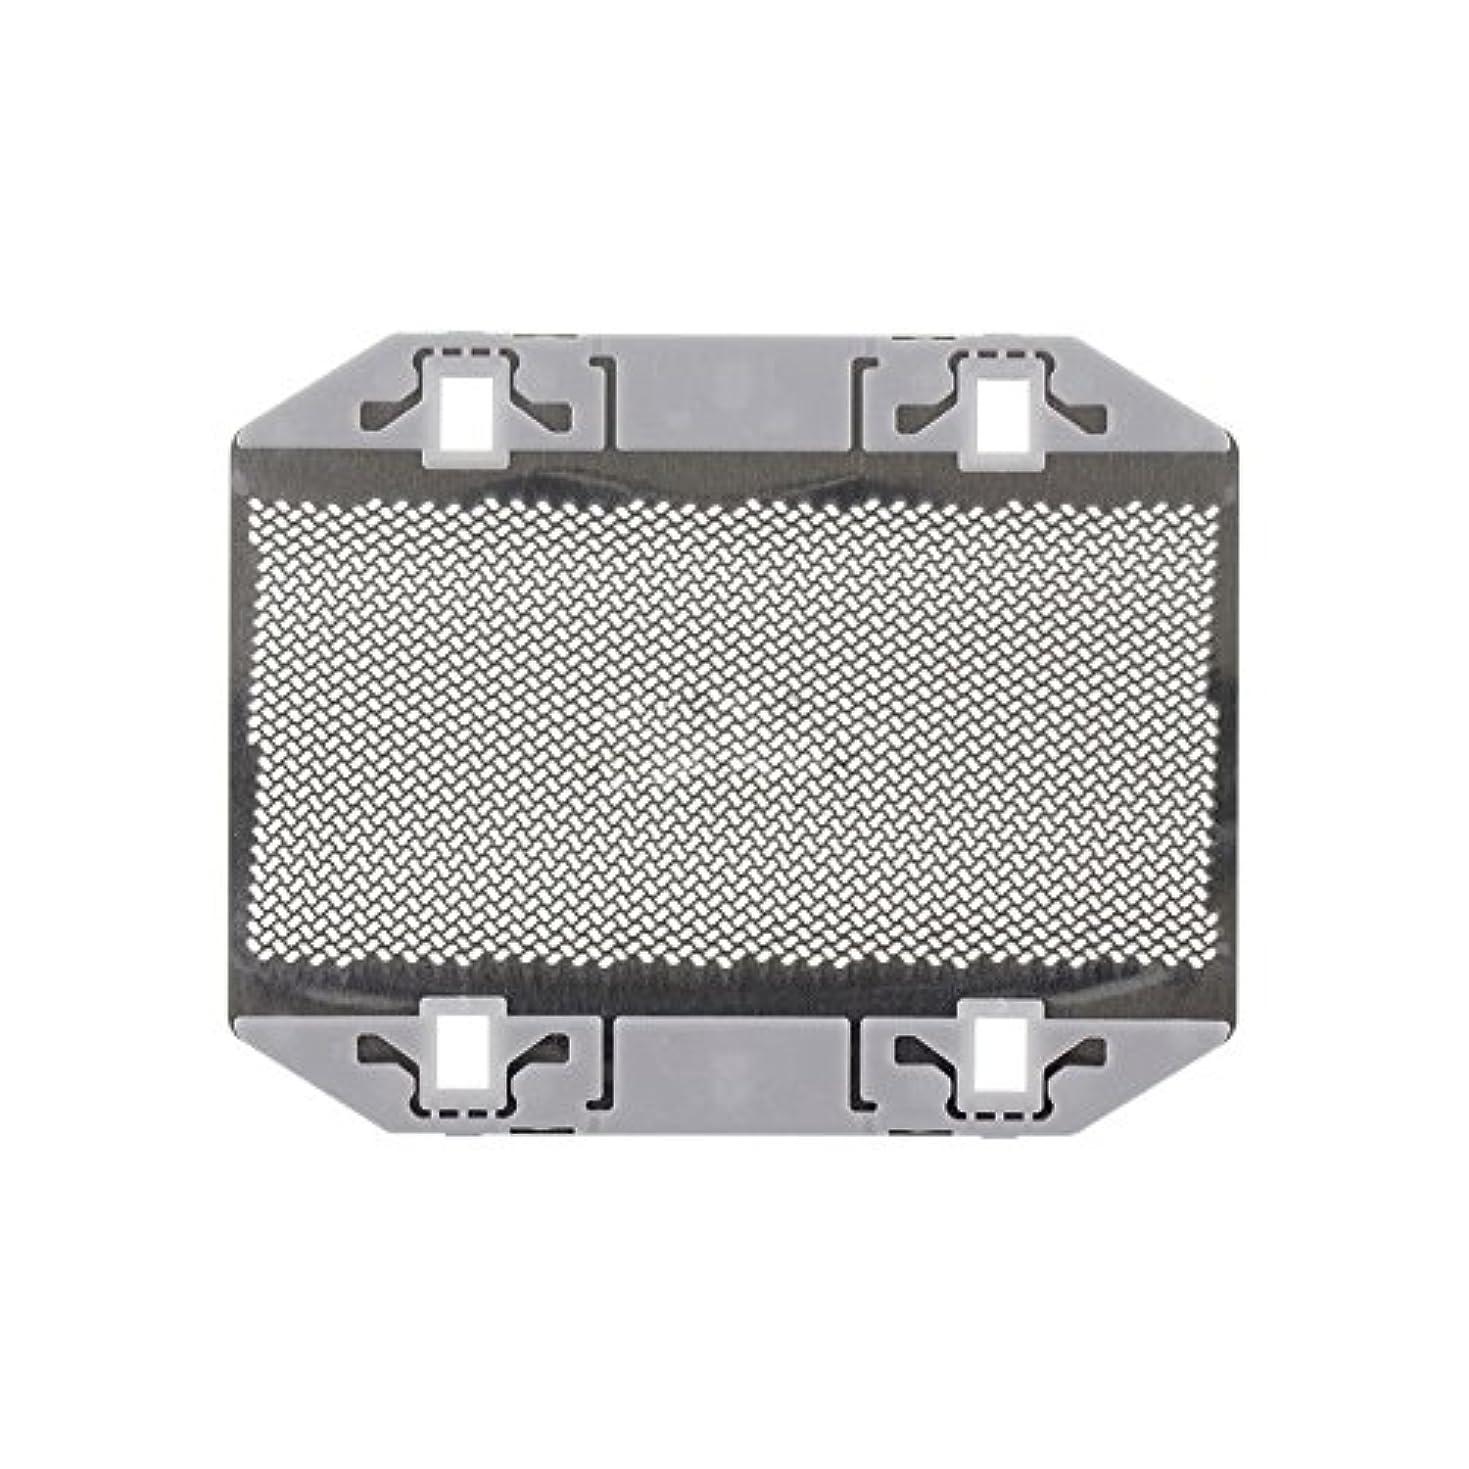 クラックポットにはまってデッキHzjundasi シェーバーパーツ 部品 外刃 ロータリー式シェーバー替刃 耐用 高質量 for Panasonic ES9943 ES3042 ES3801 ES3750 ES365 ES366